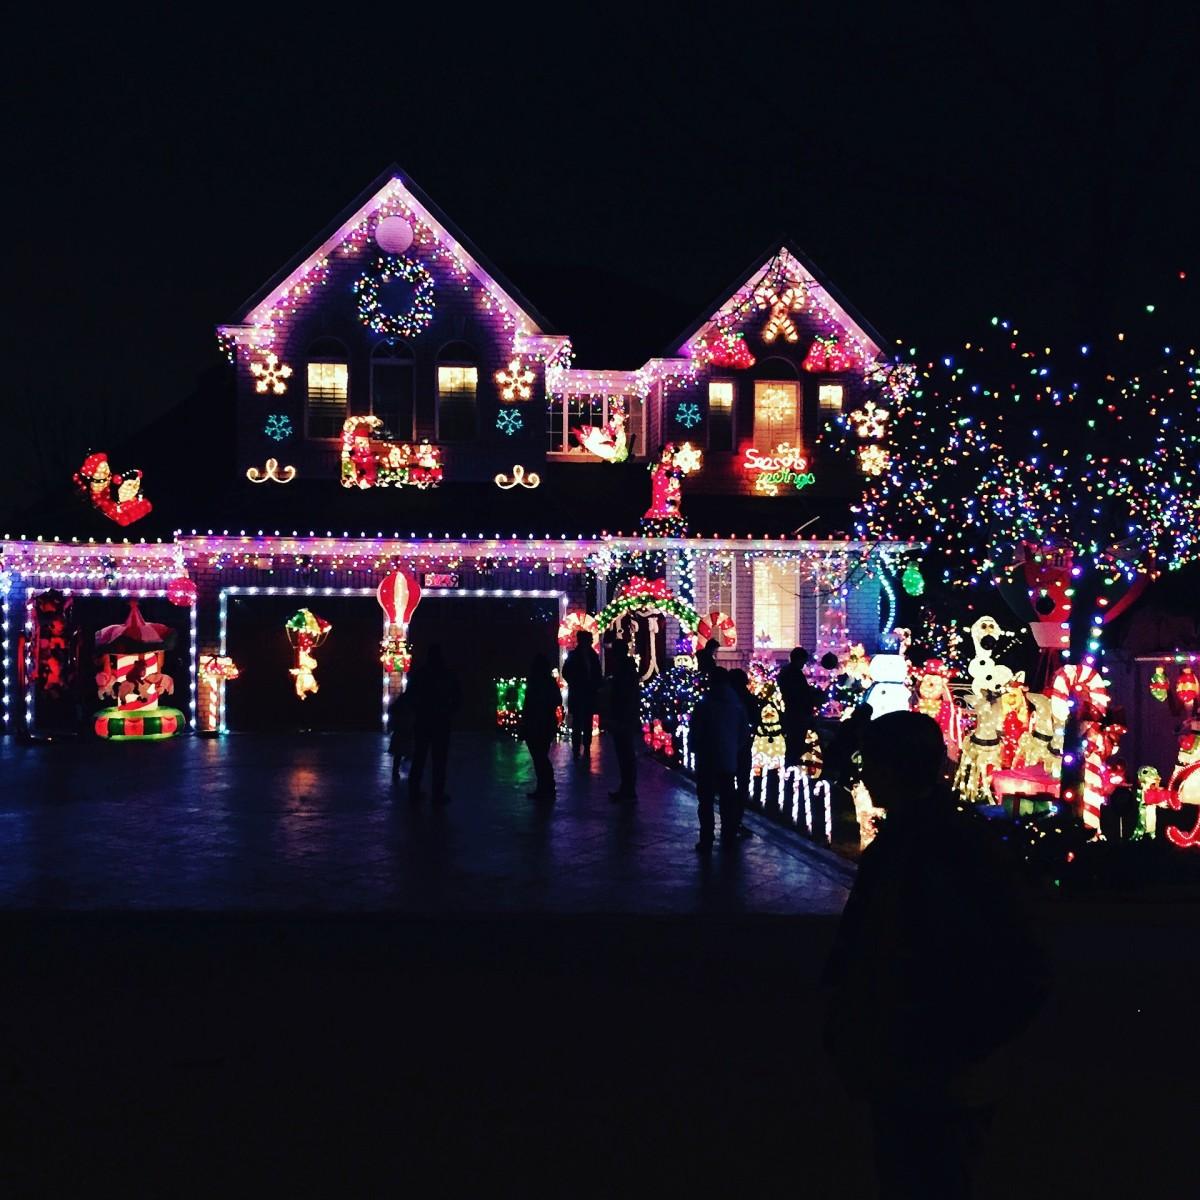 Even you can hang elaborate Christmas lights like this!